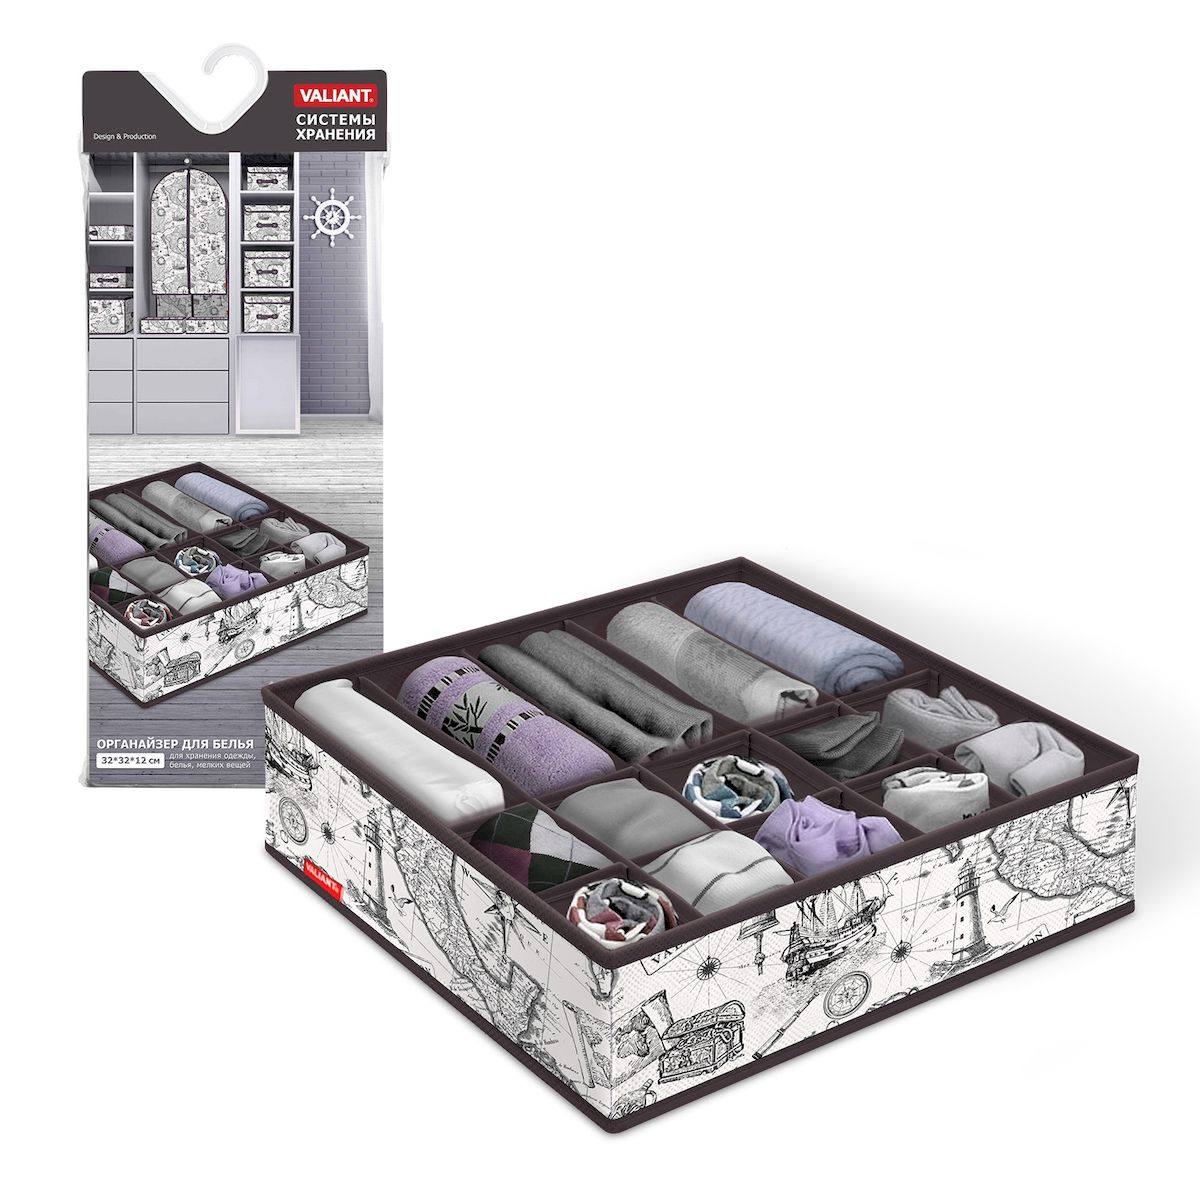 Органайзер для белья Valiant Expedition, 15 секций, 32 х 32 х 12 смEX-S15Органайзер Valiant Expedition поможет упорядочить размещение белья. Изделие выполнено из высококачественного нетканого материала, который обеспечивает естественную вентиляцию, позволяя воздуху проникать внутрь, но не пропускает пыль. Вставки из плотного картона хорошо держат форму. Изделие содержит 15 секций, предназначенных для хранения трусов, носков и другого мелкого белья. Органайзер легко раскладывается и складывается. Система хранения Valiant Expedition создаст трогательную атмосферу романтического настроения. Оригинальный дизайн придется по вкусу ценительницам эстетичного хранения.